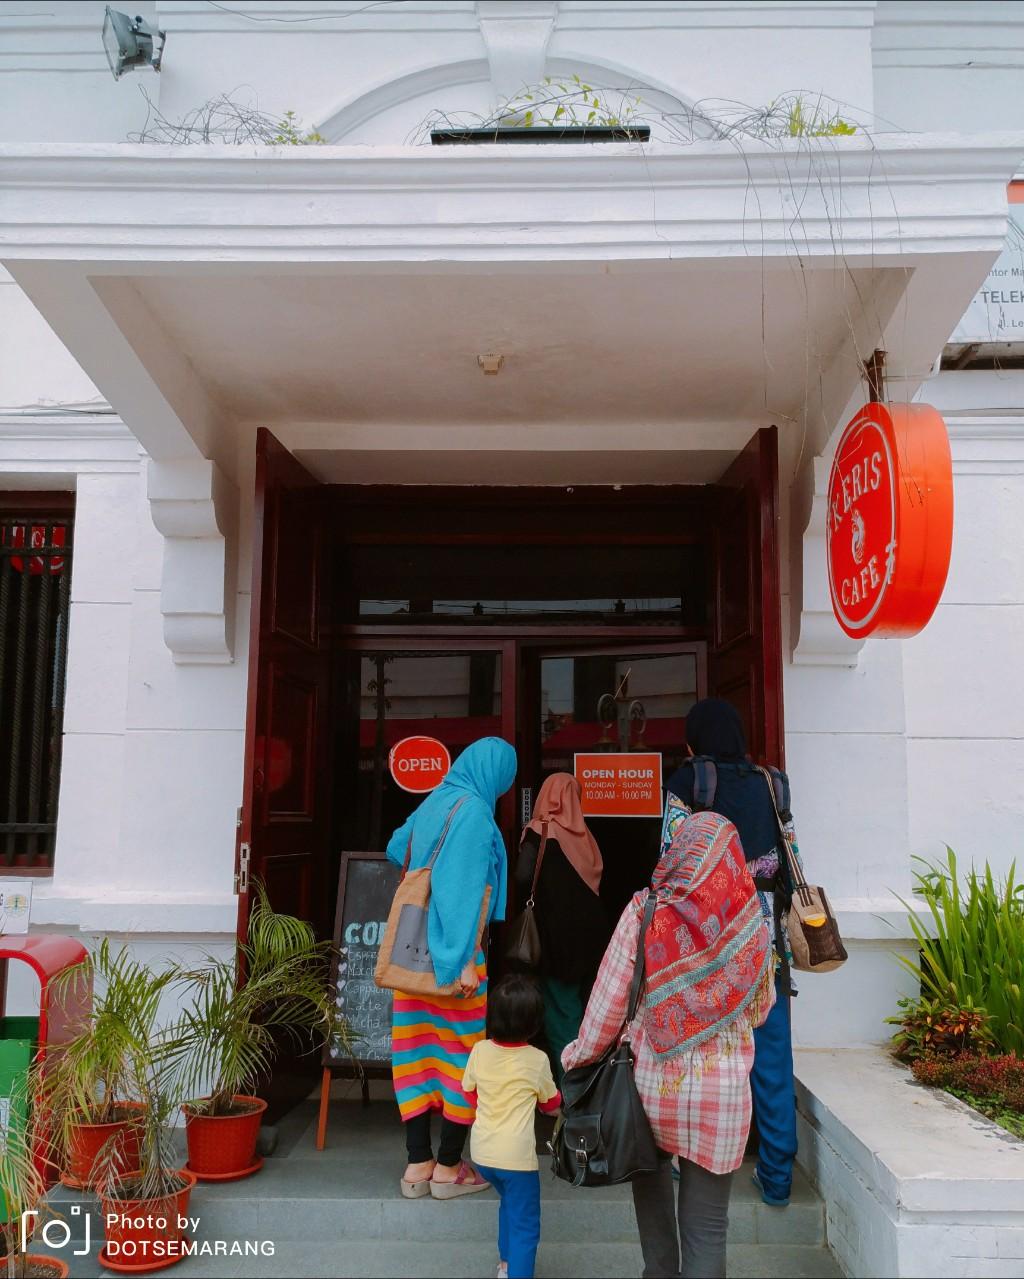 Review Keris Cafe Kota Lama Semarang